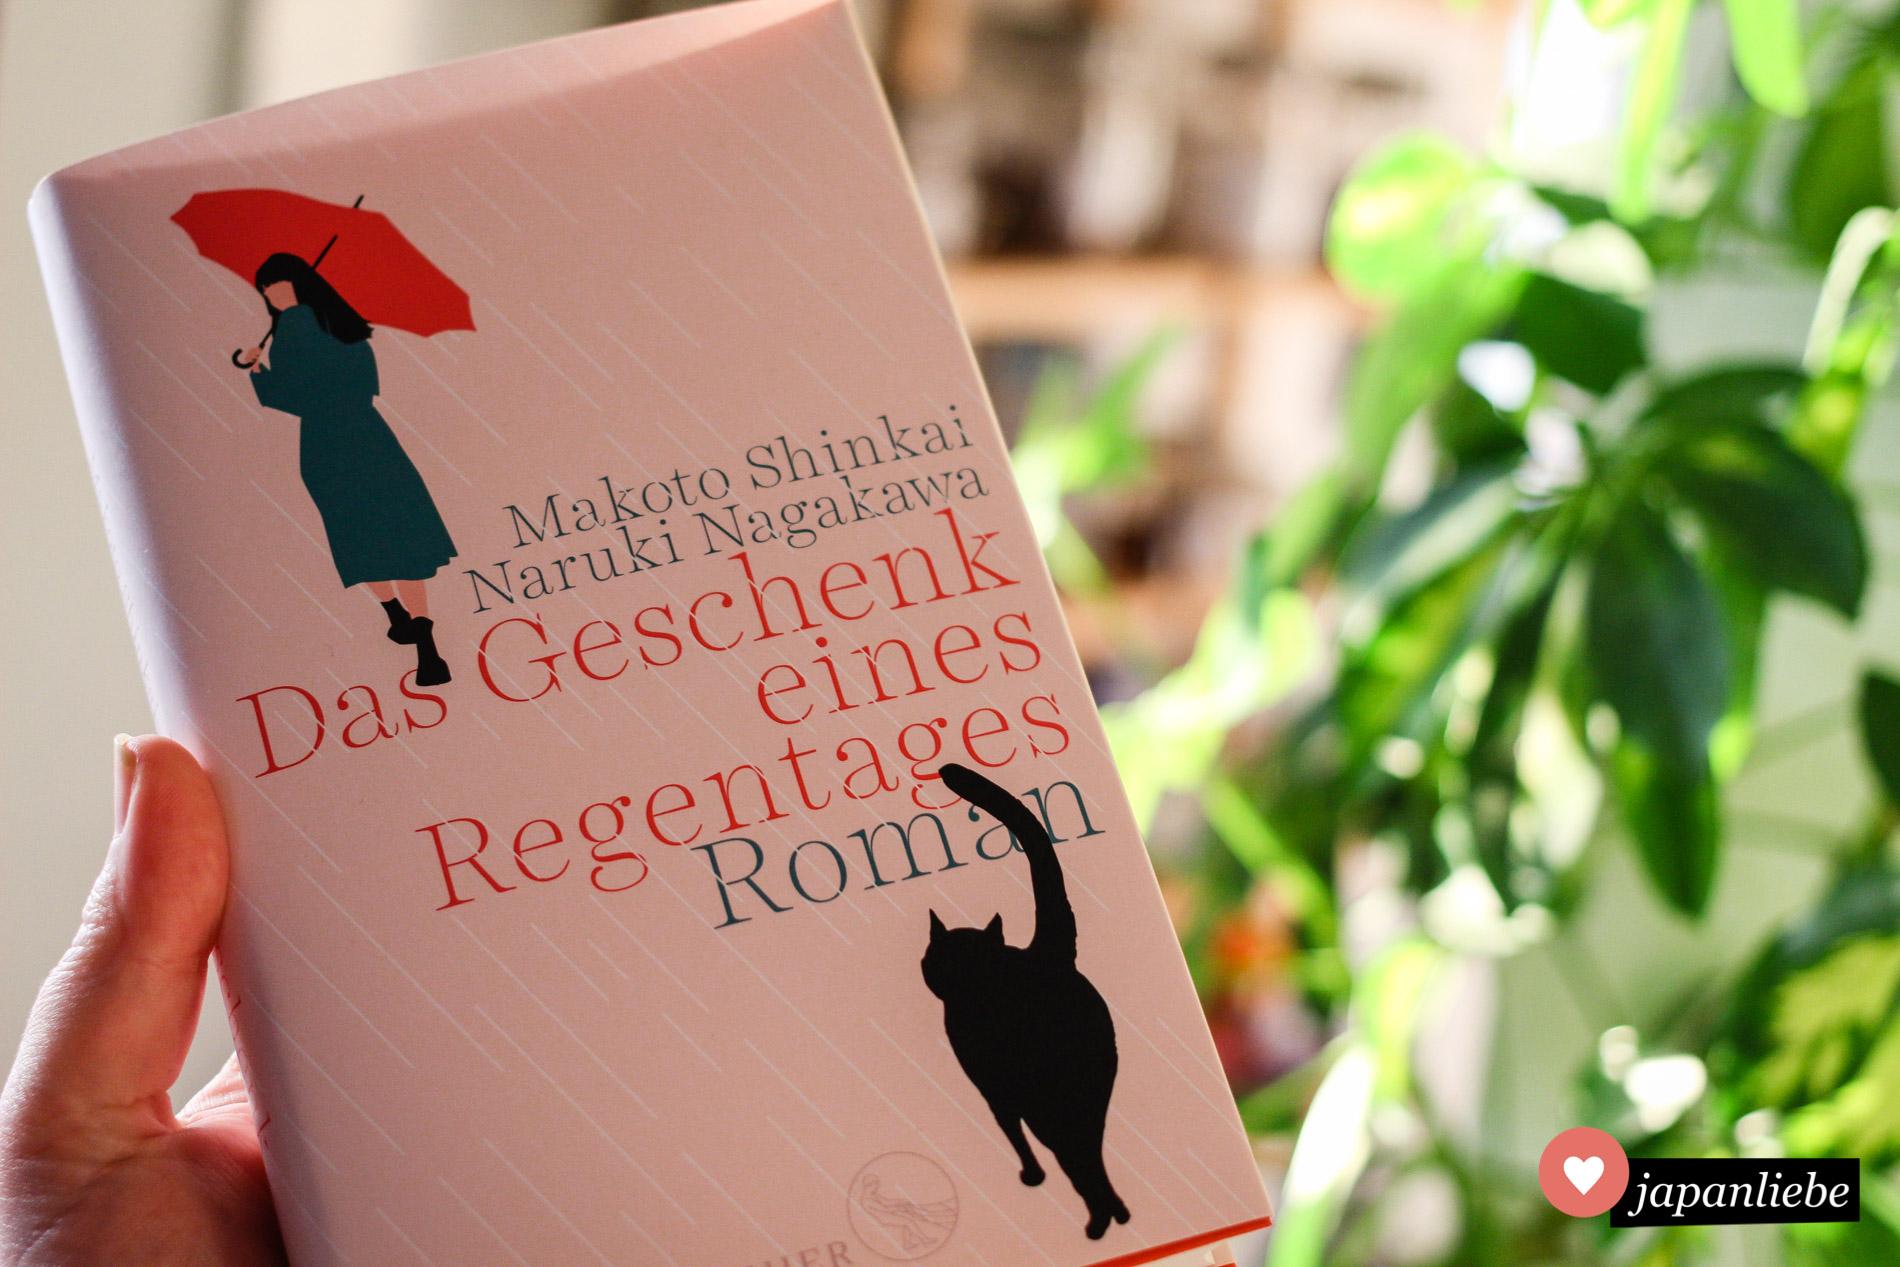 """""""Das Geschenk eines Regentages"""" von Makoto Shinkai und Naruki Nagakawa."""